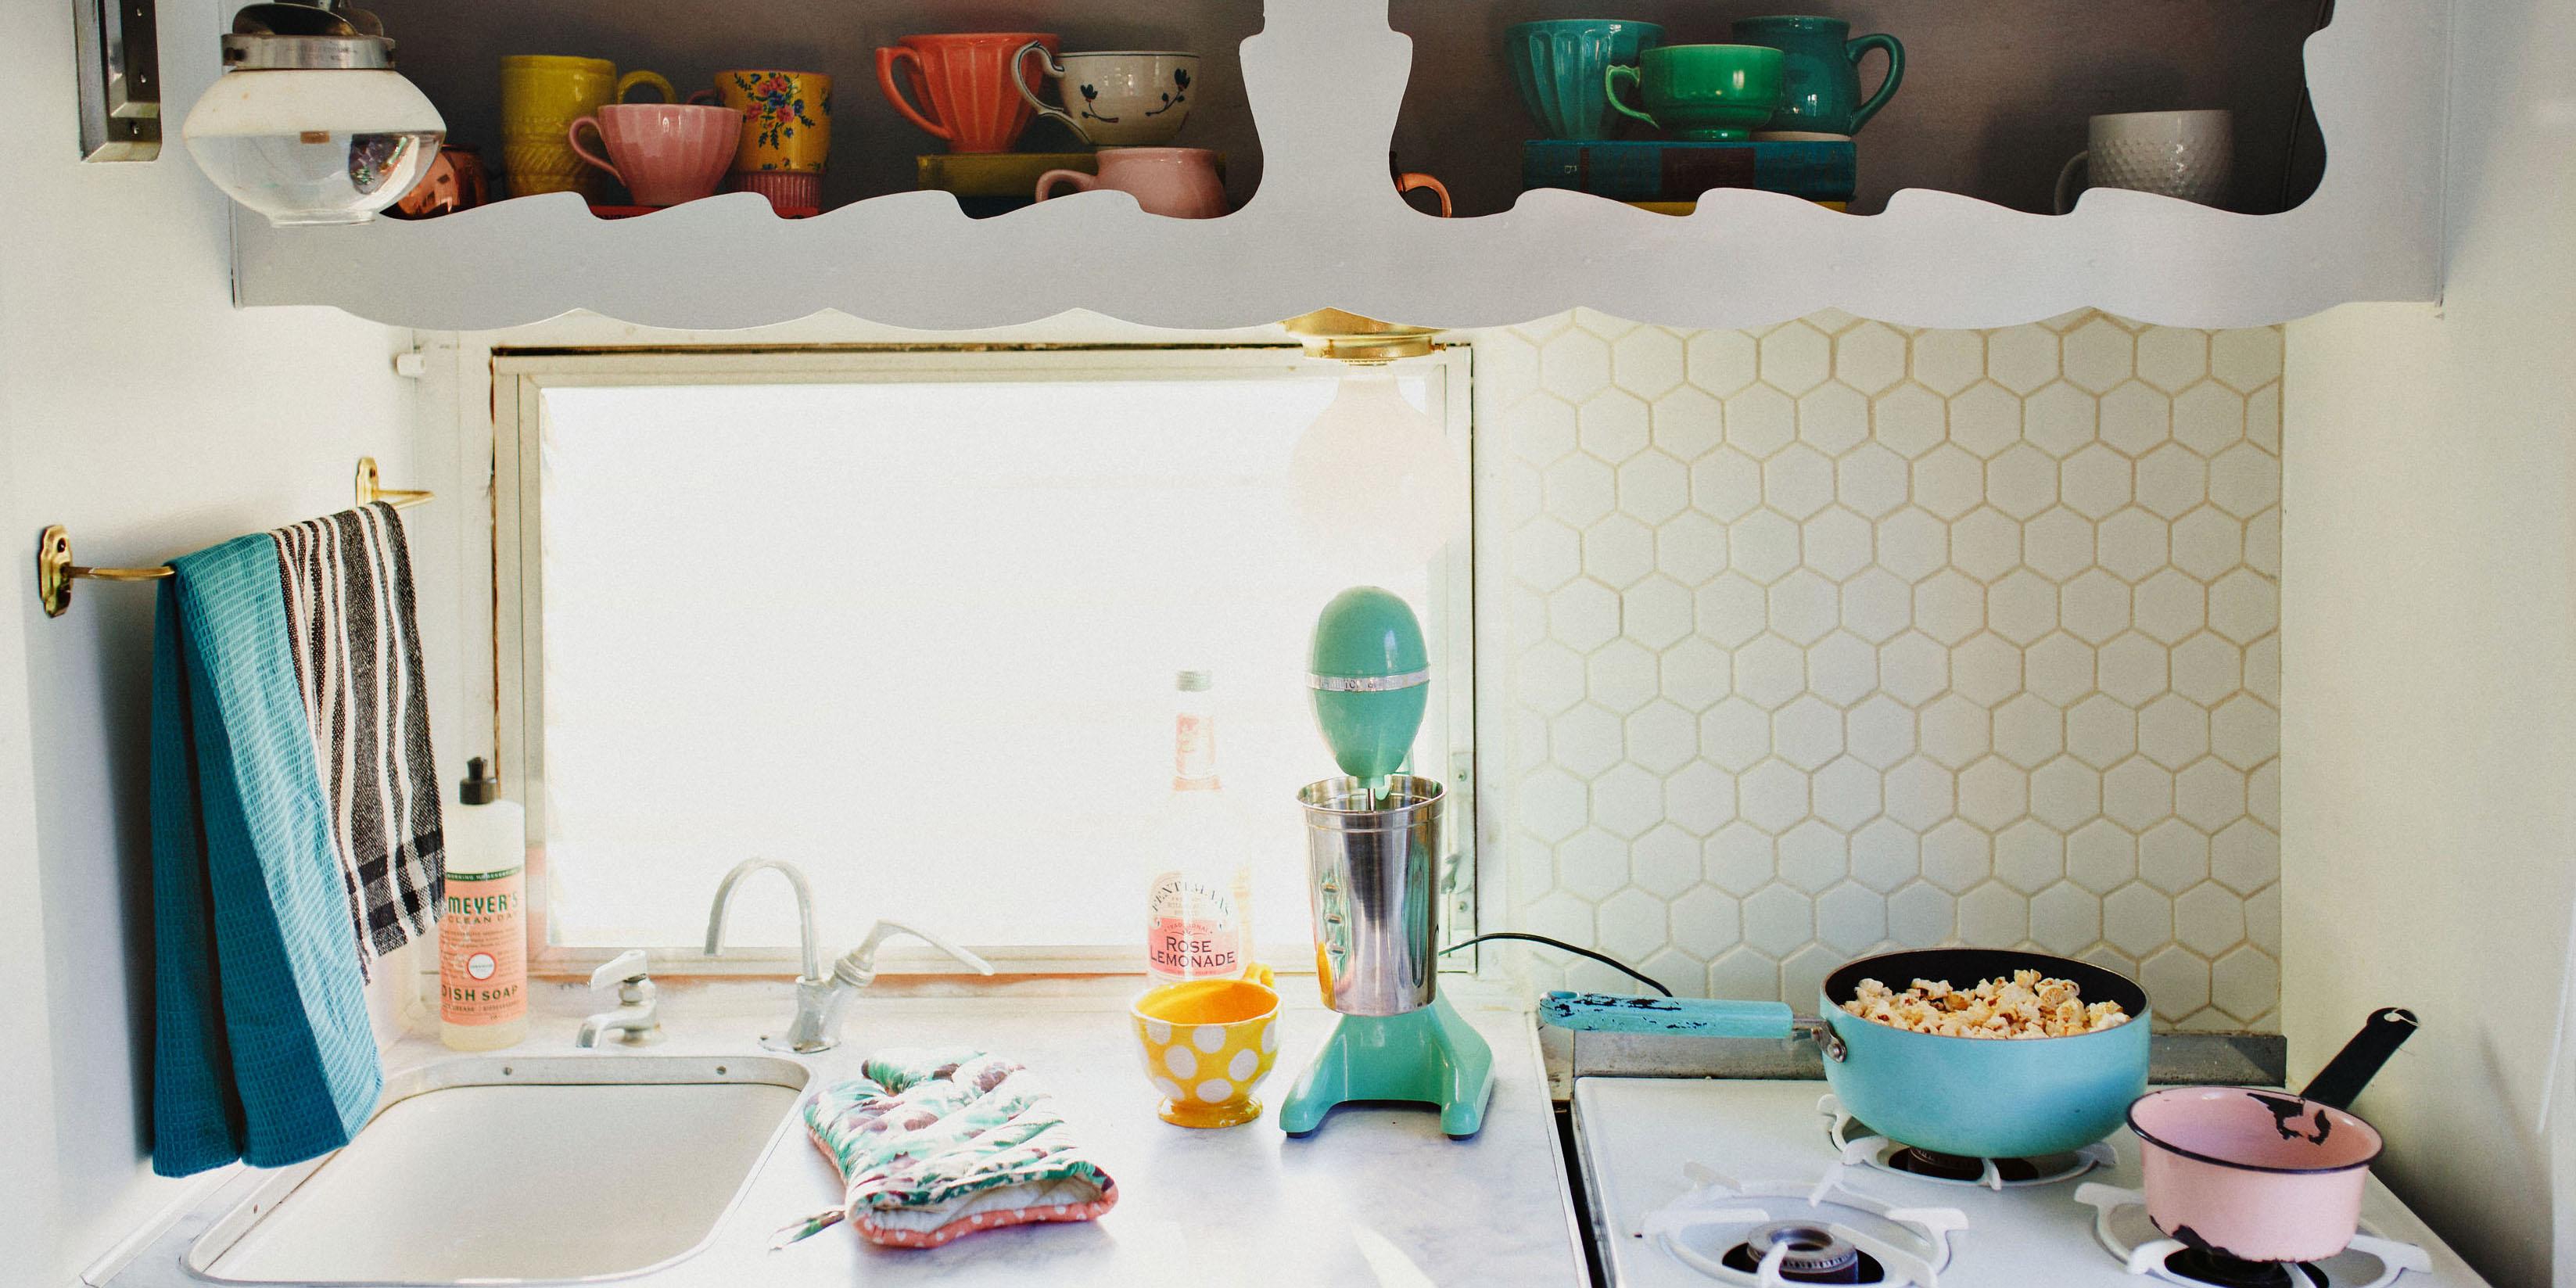 Kitchen Metro Hex 2 in Matte White